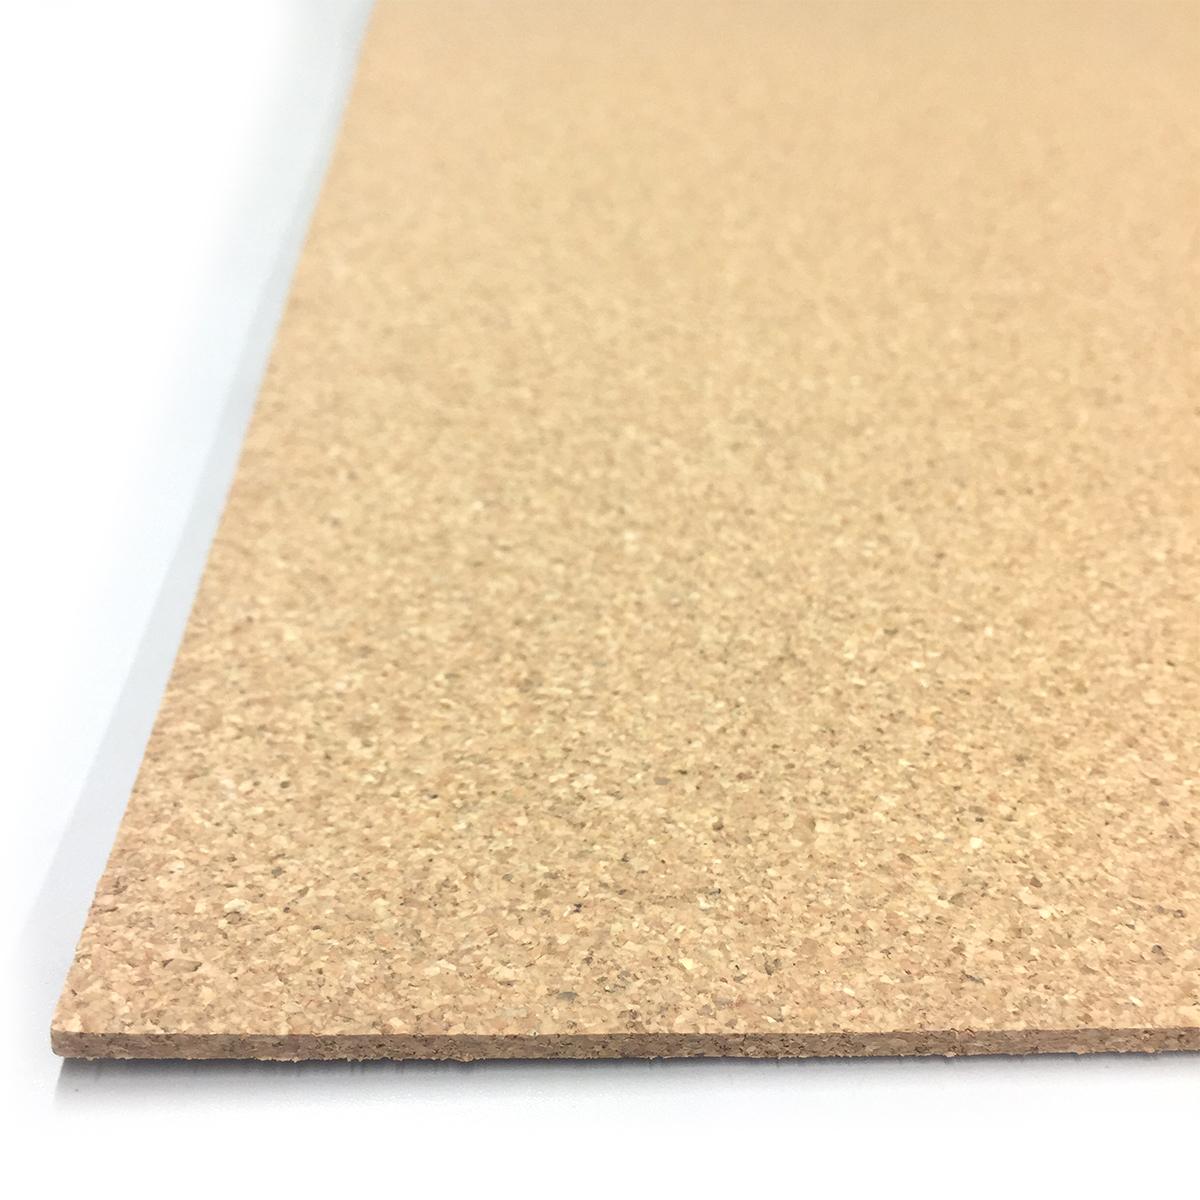 自由工作や作品作りに 数量限定 コルクシート 細目 70%OFFアウトレット 300x450mm 3mm厚 木材 コルク 手作り DIY